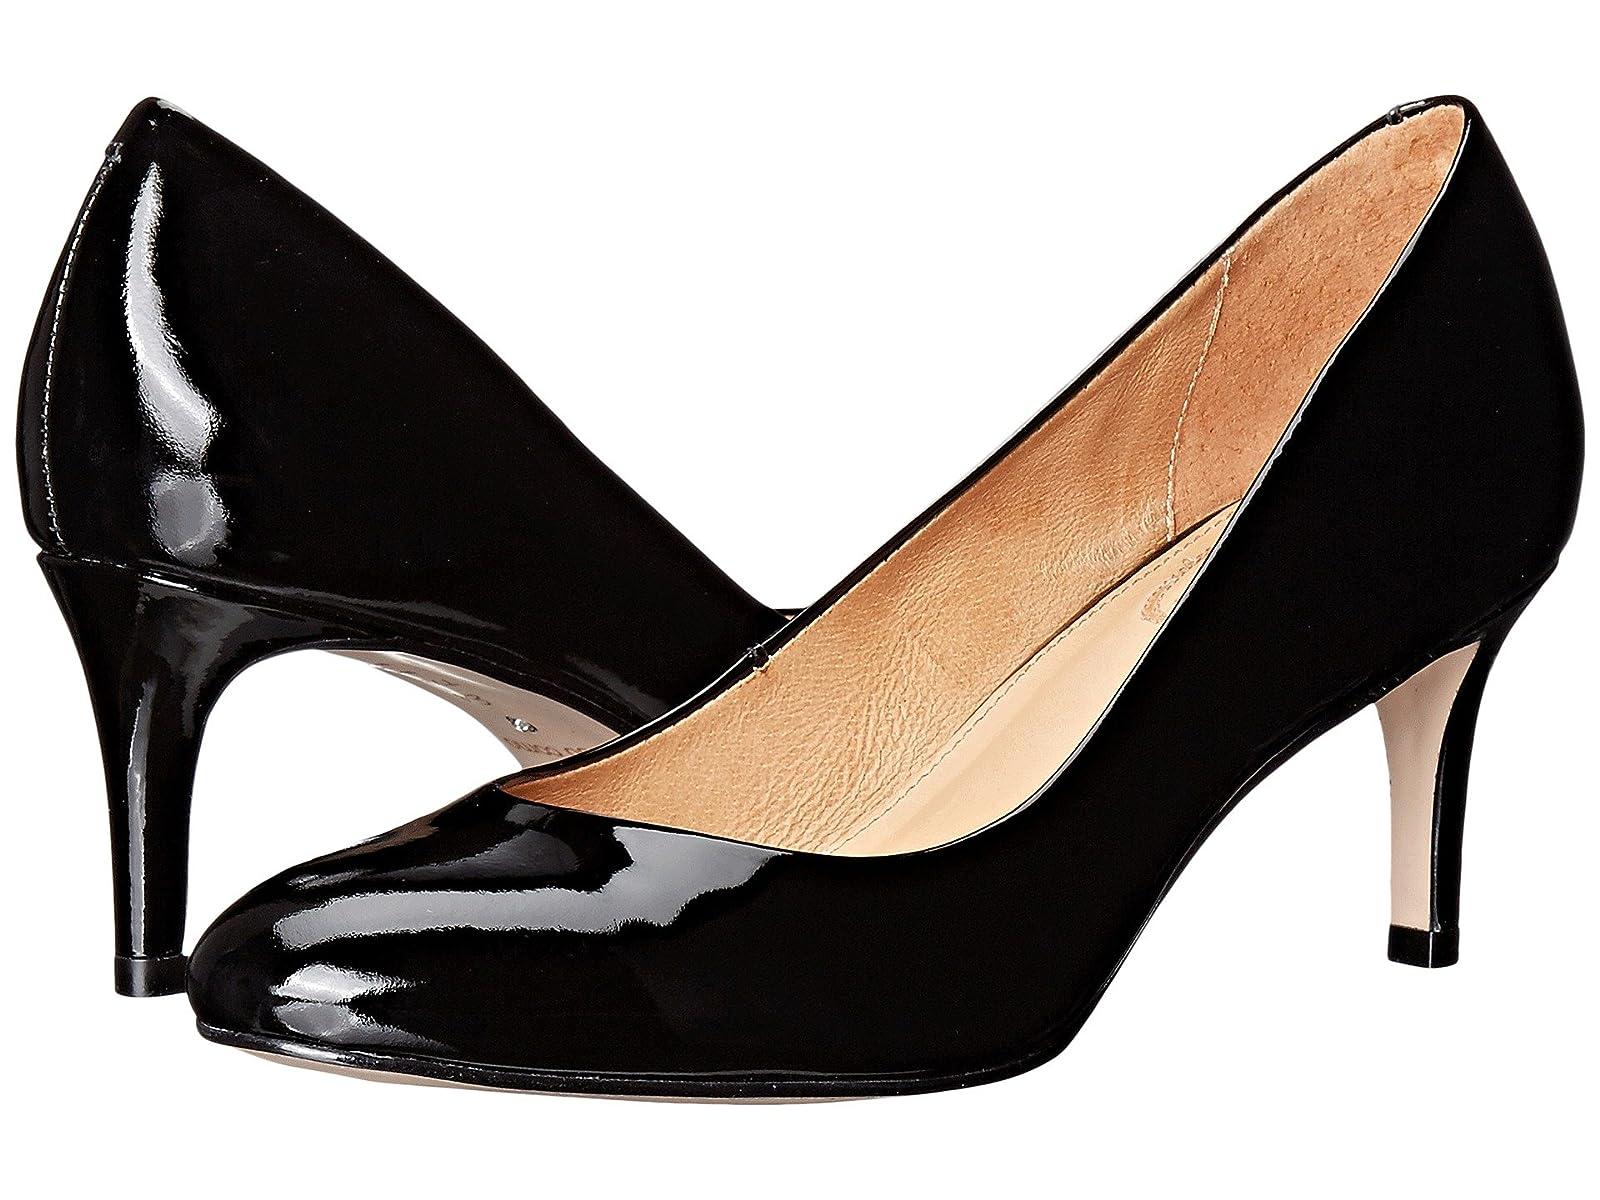 CC Corso Como LindenAtmospheric grades have affordable shoes